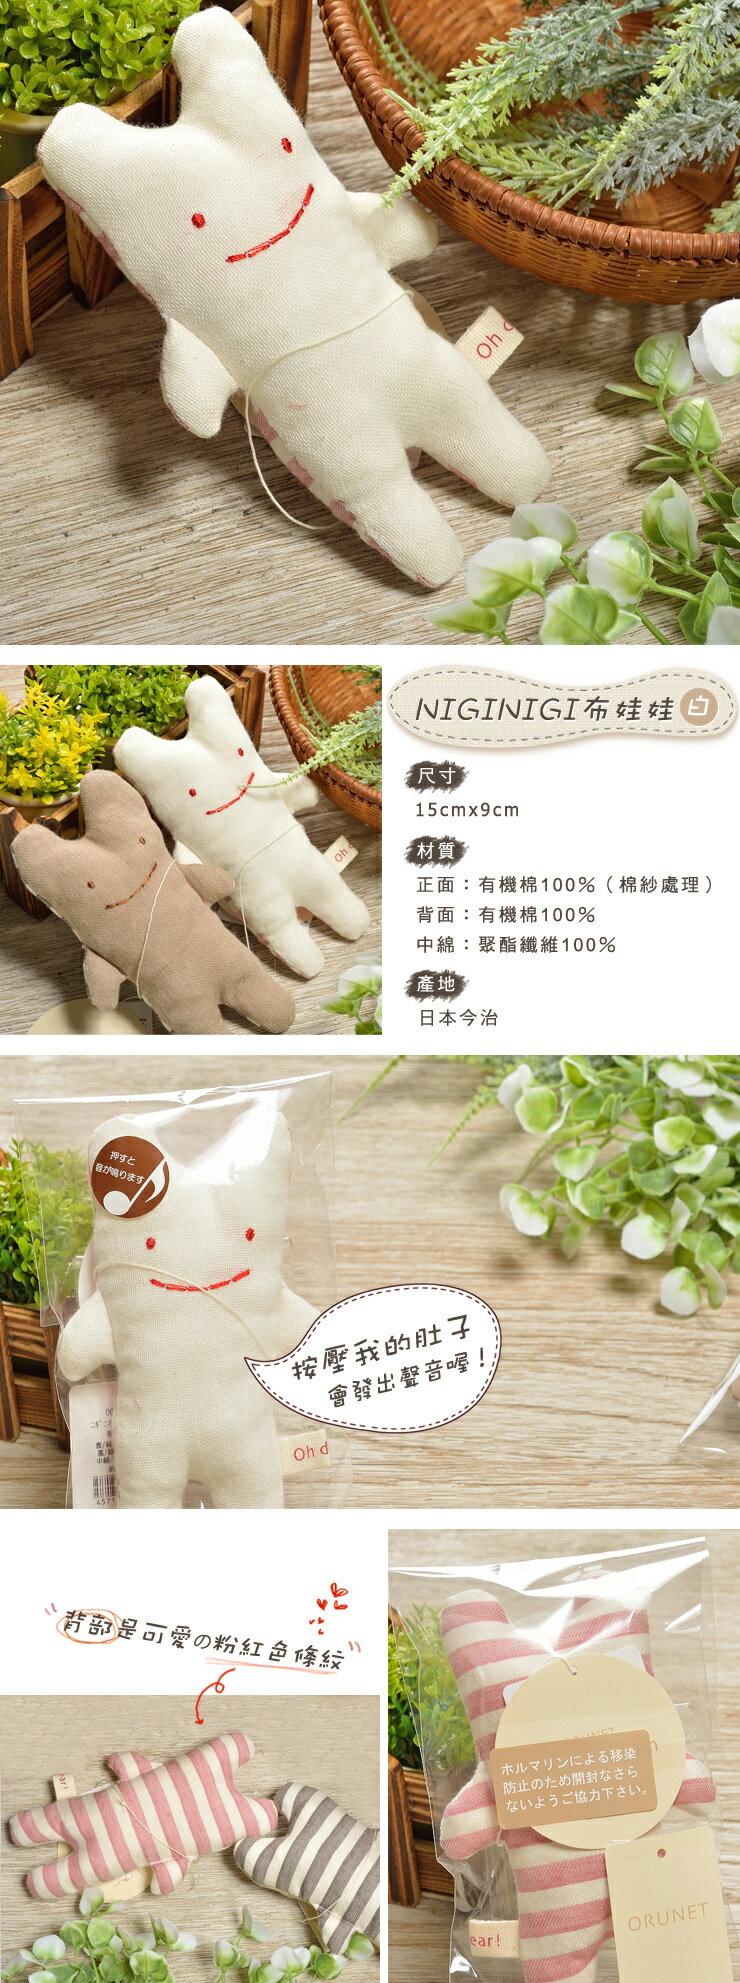 日本今治 - ORUNET - NIGINIGI布娃娃(白色)《日本設計製造》《全館免運費》,有機棉,有機棉來自3年以上無化學肥料&無農藥之土地,生產階段亦無使用任何藥劑、無漂白、無染色,採用最純淨的有機棉製作最天然安心的產品。